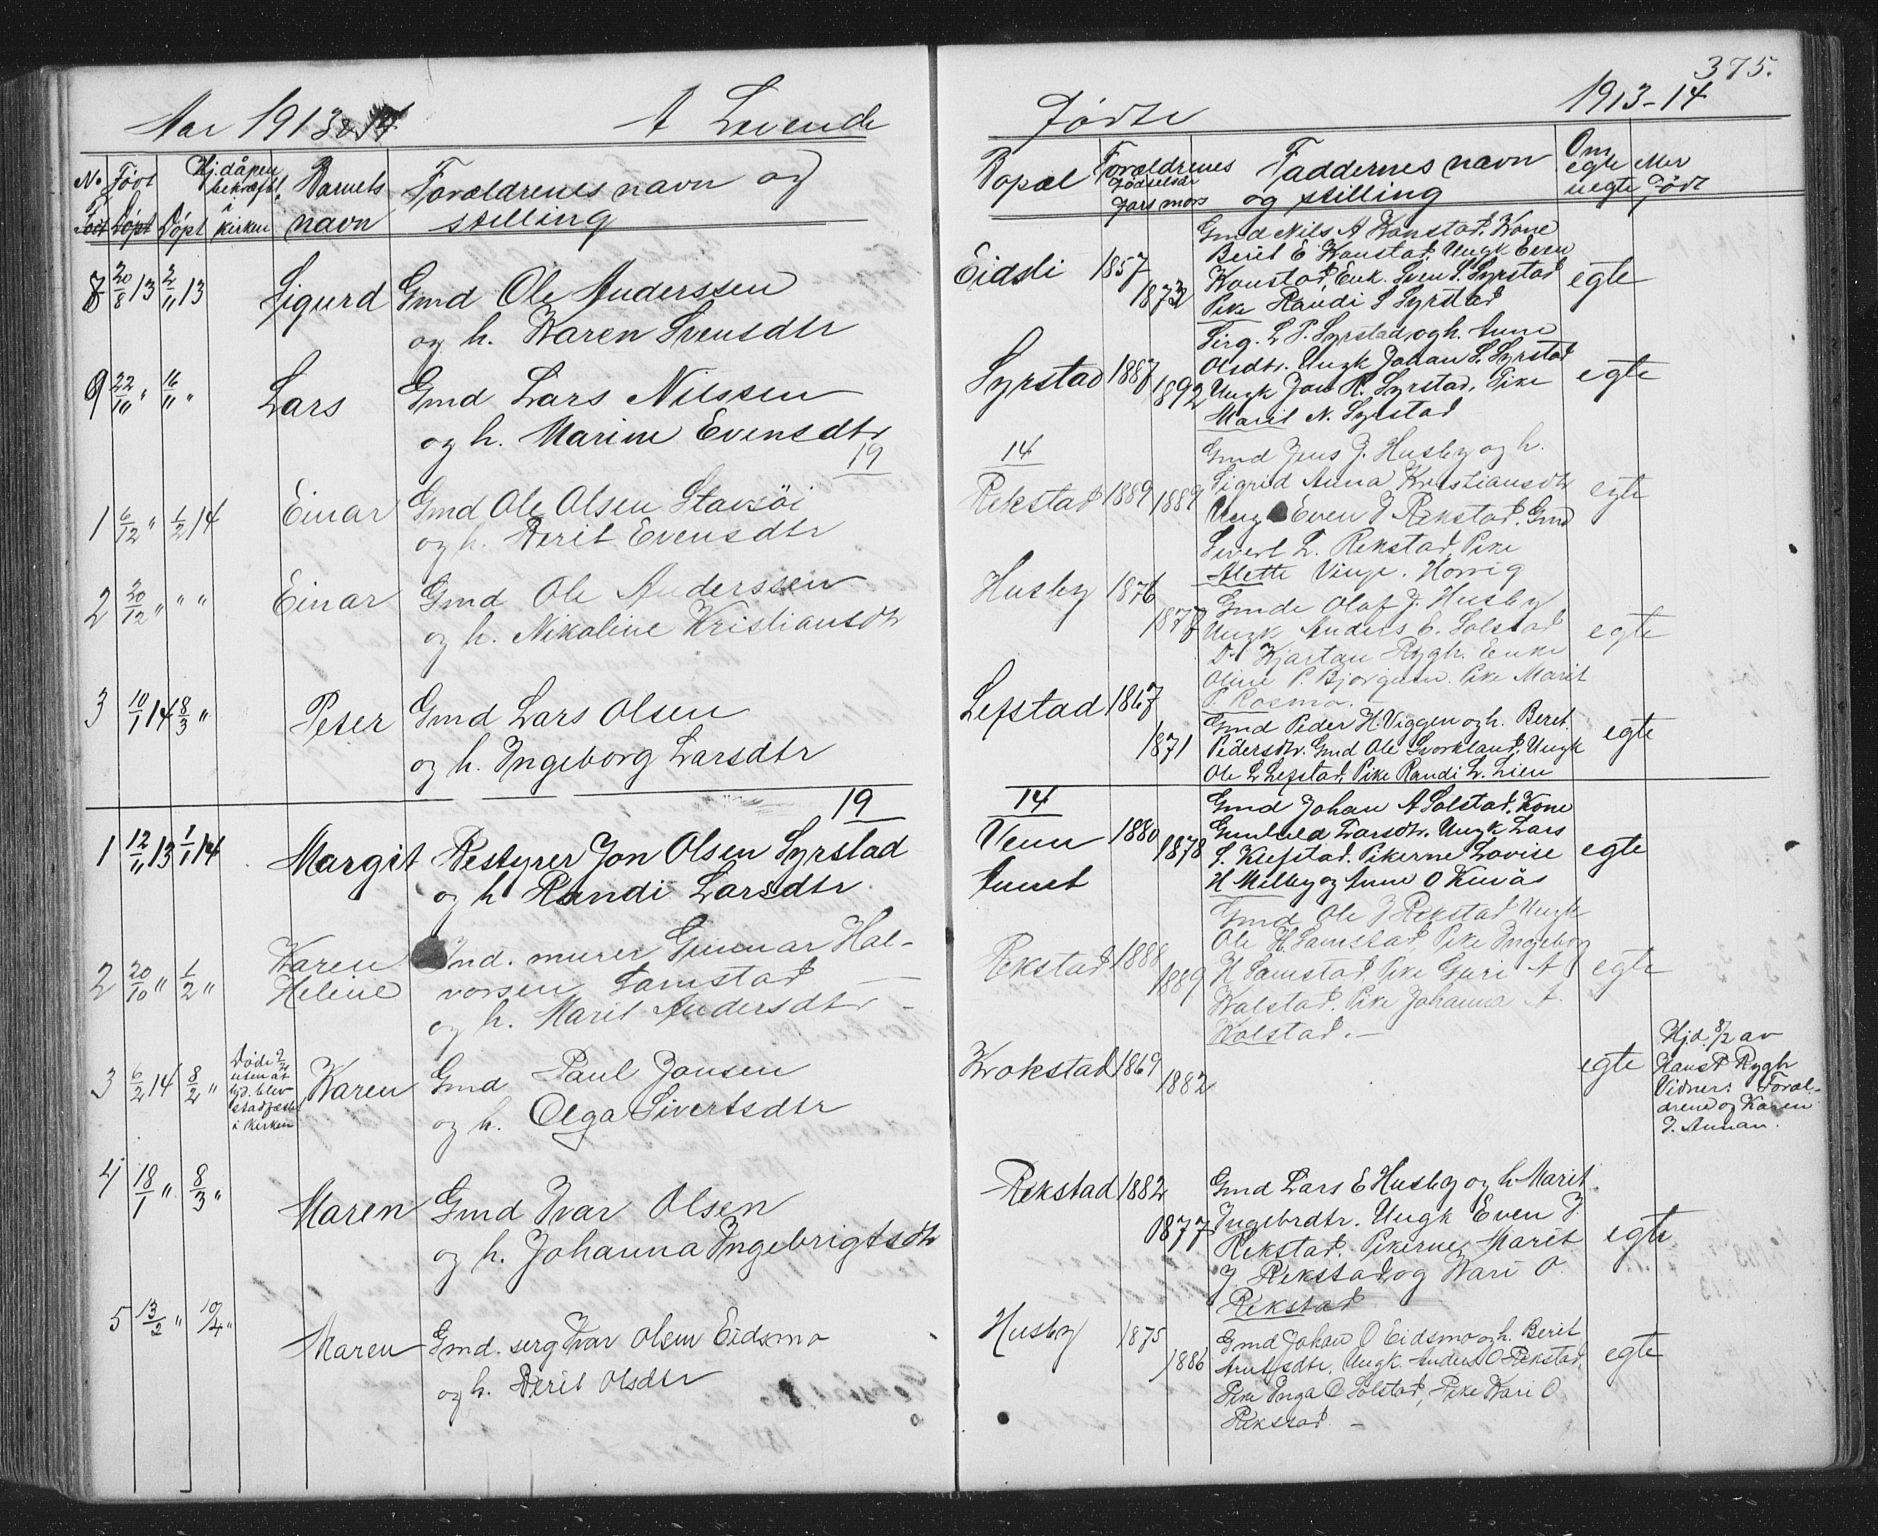 SAT, Ministerialprotokoller, klokkerbøker og fødselsregistre - Sør-Trøndelag, 667/L0798: Klokkerbok nr. 667C03, 1867-1929, s. 375